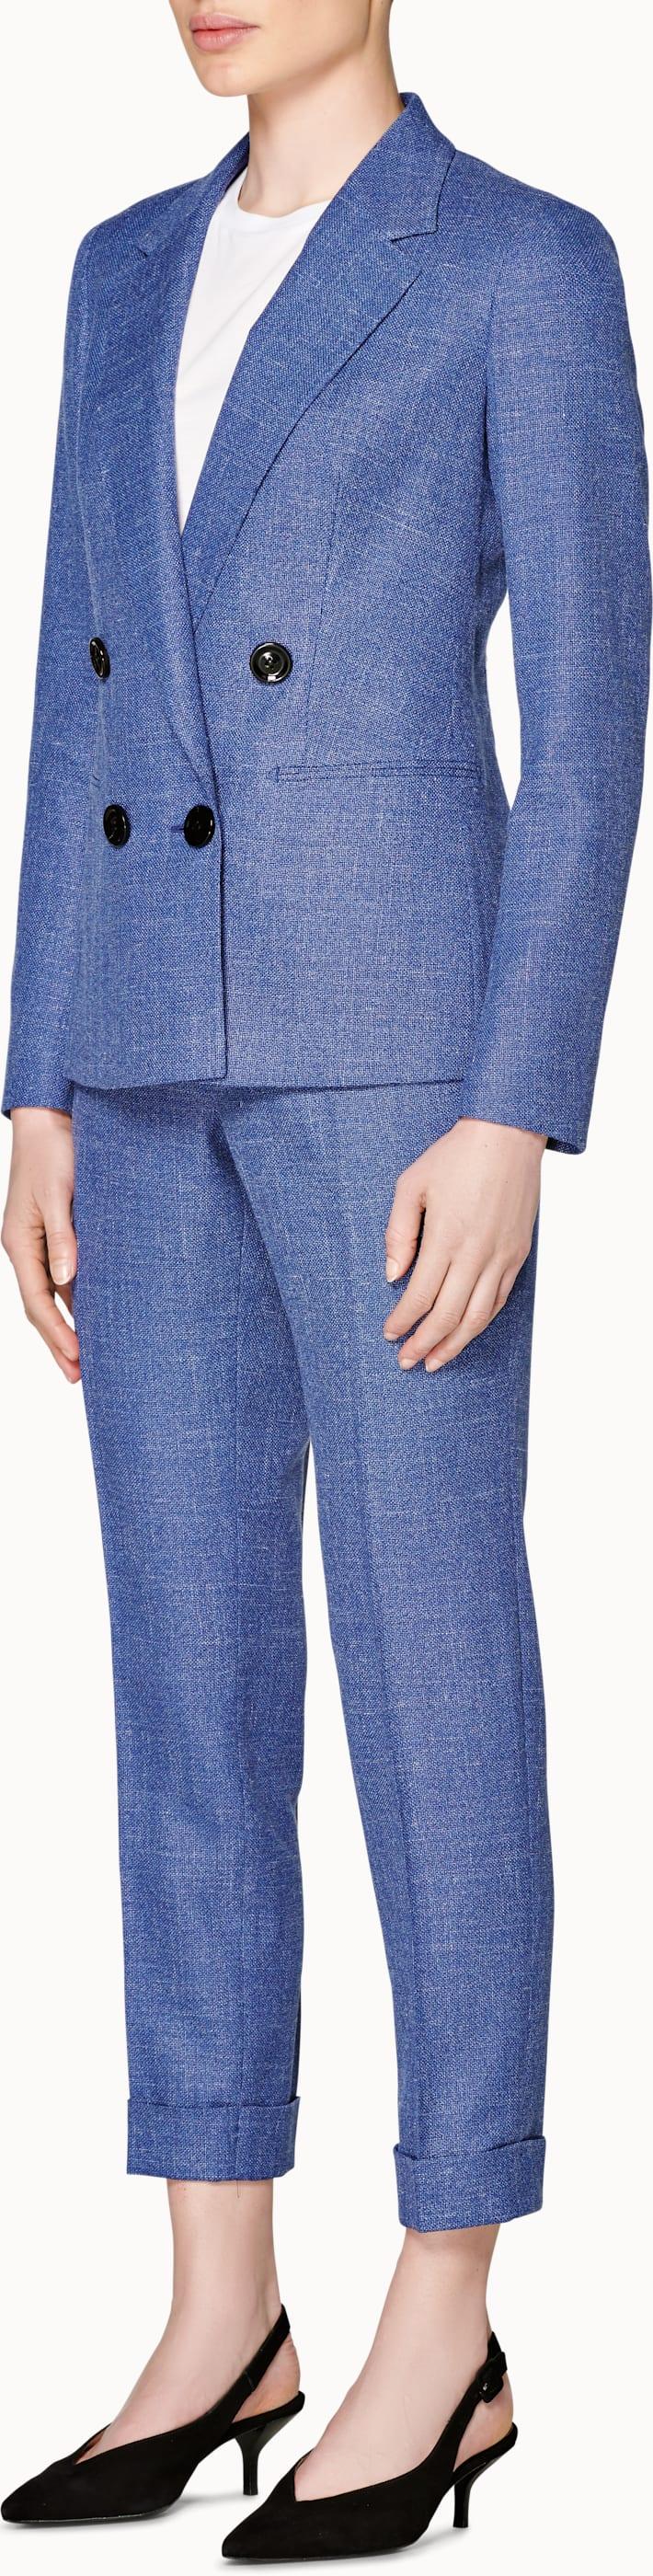 Joss Blue Suit